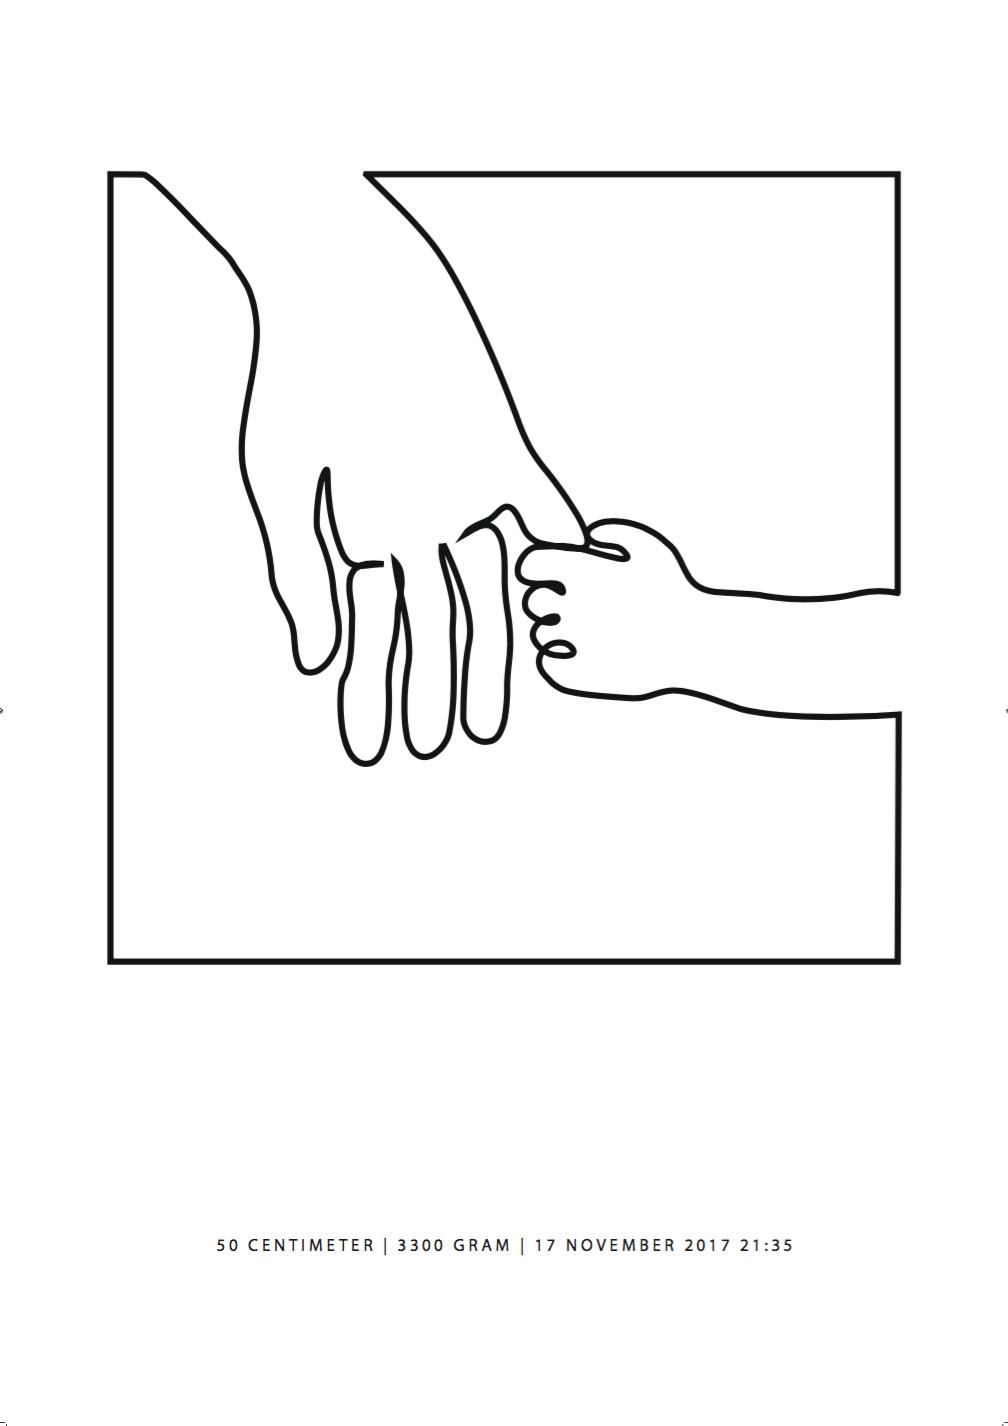 Doptavla händer